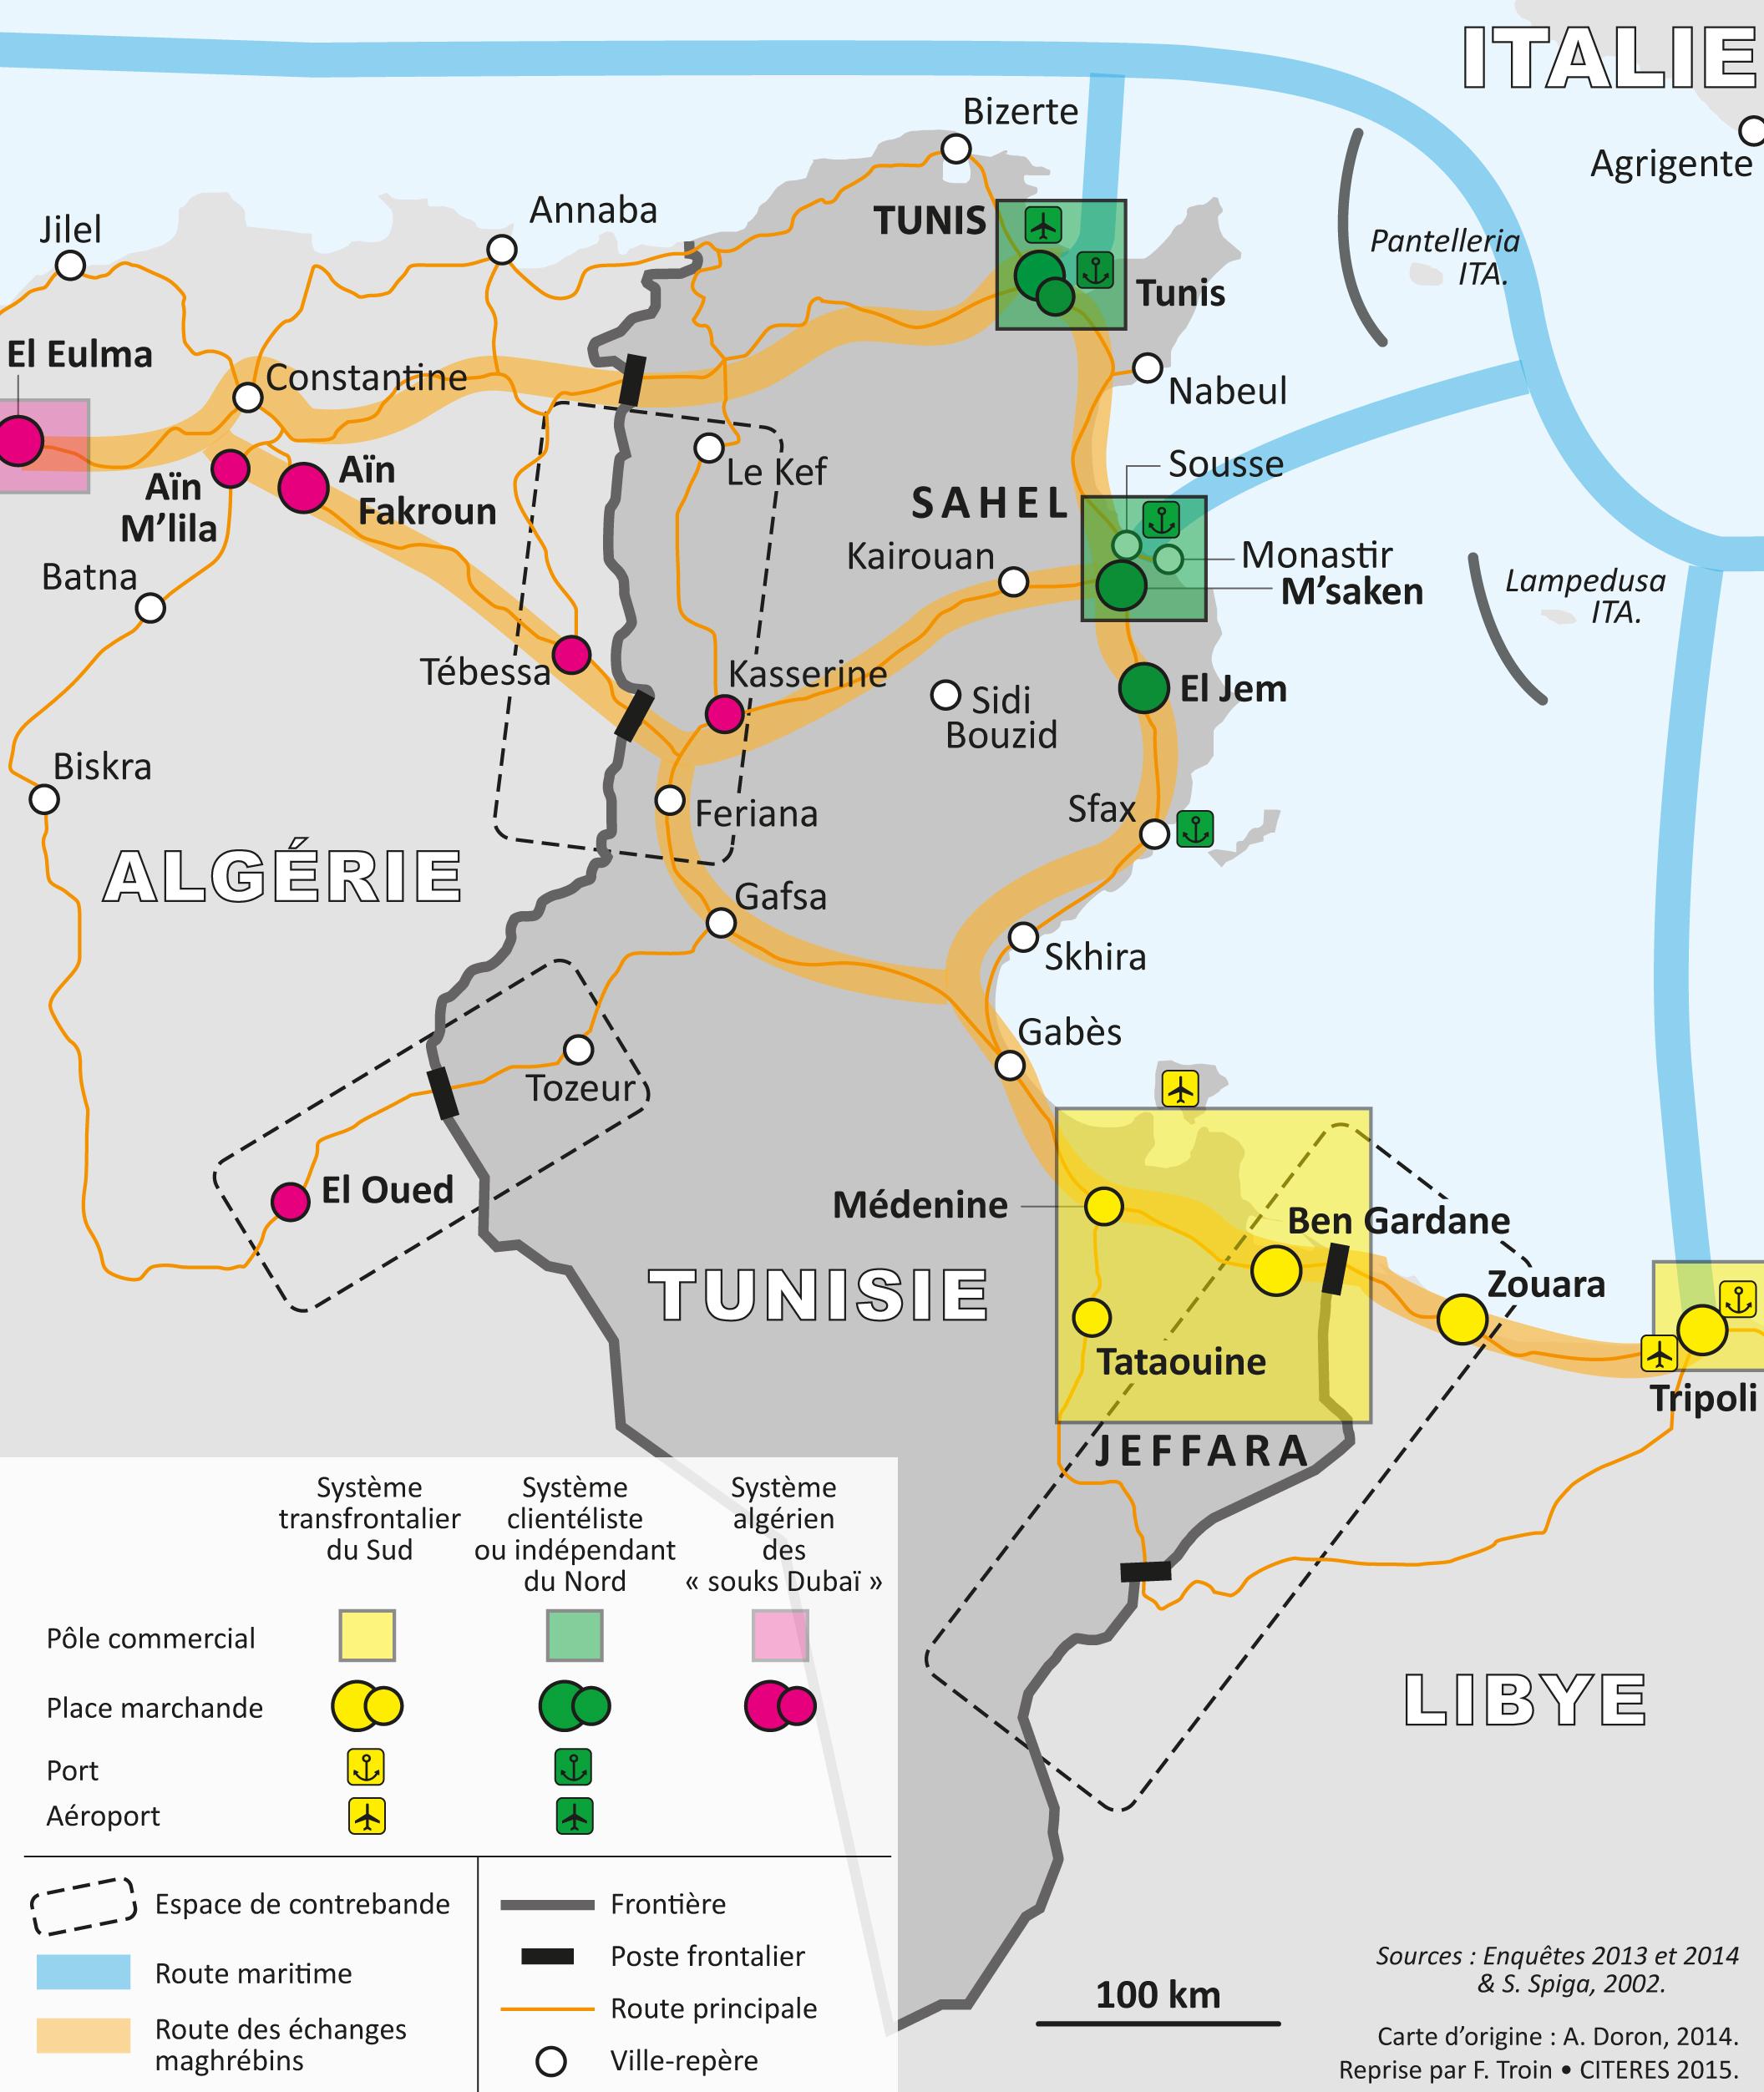 route-libye-tunisie-ben-gardane-ras-jedir